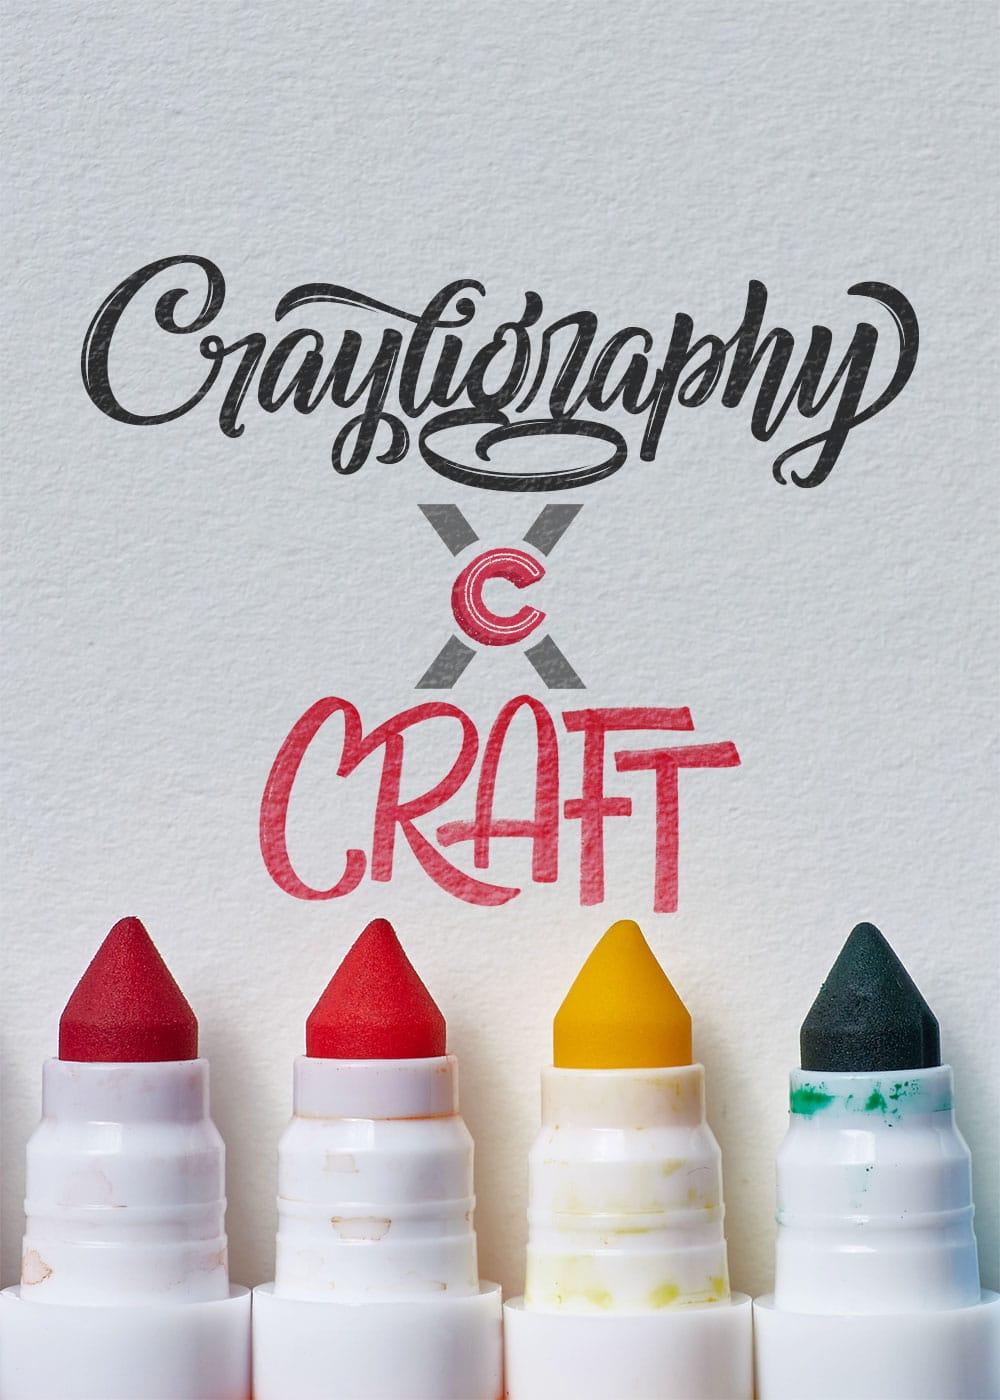 crayligraphy_workshops_austin_craft_v2.jpg